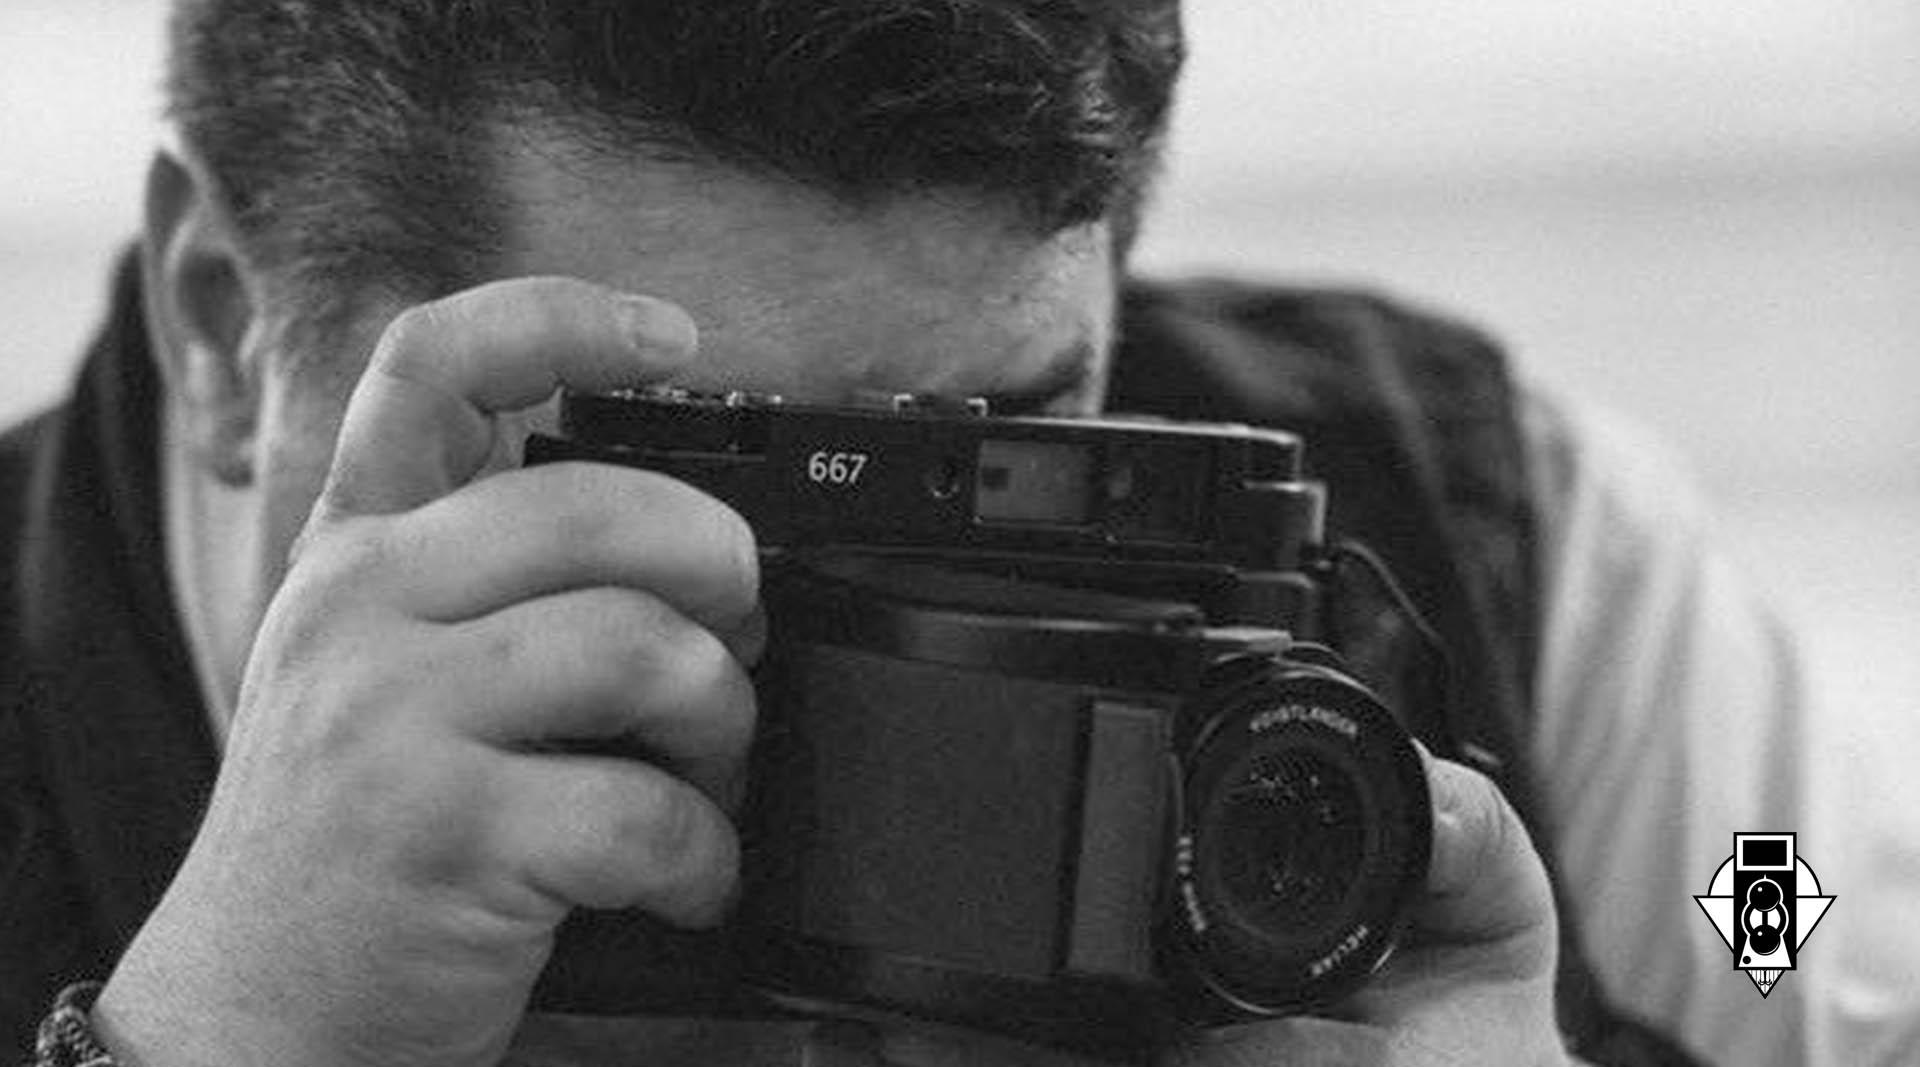 Стремительное развитие аналоговой фотографии в наши дни